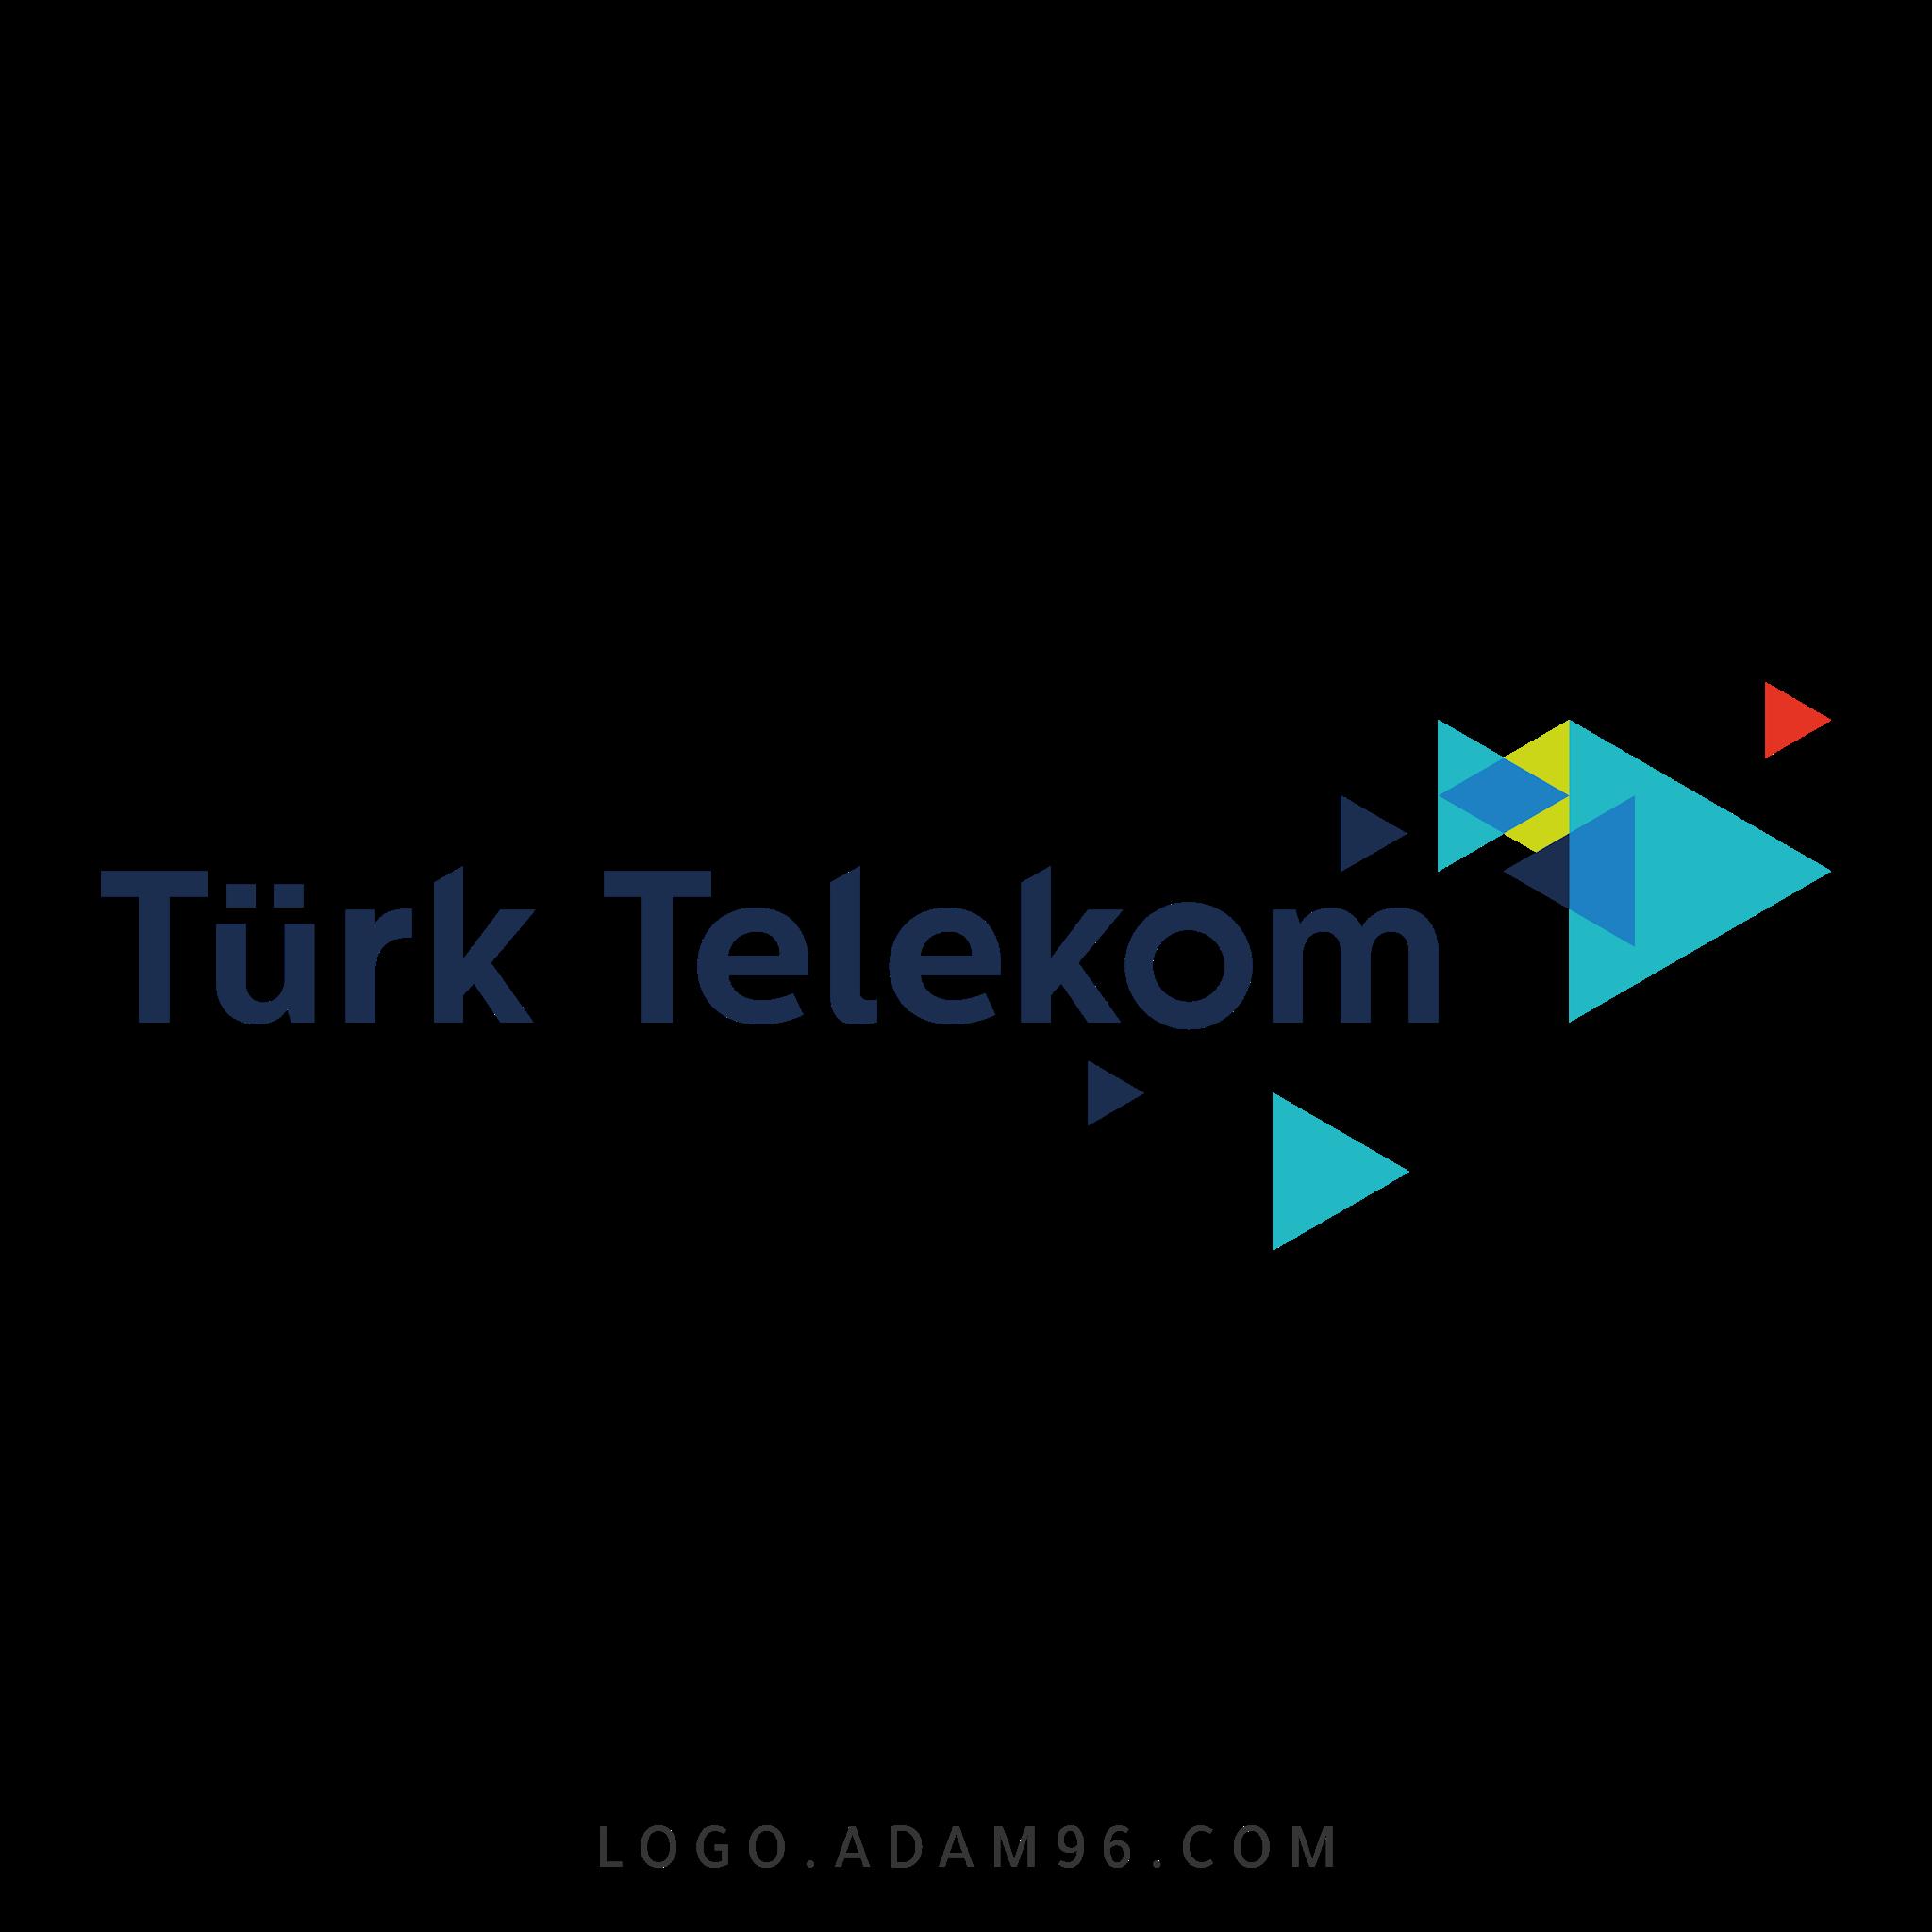 تحميل شعار شركة اتصالات تورك تيليكوم التركية لوجو رسمي Logo Türk Telekom